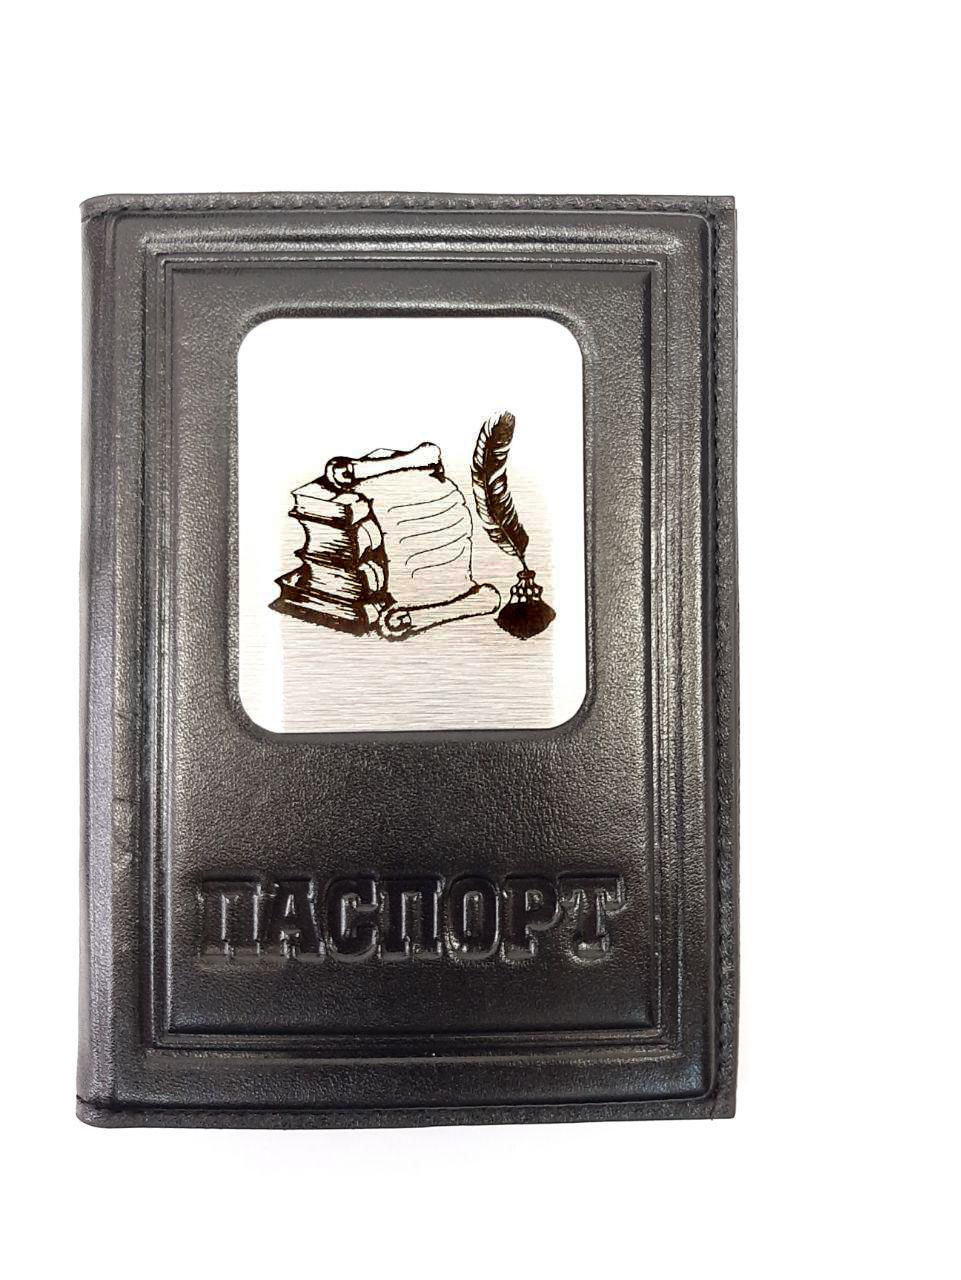 Обложка на паспорт | Учителю| Чёрный